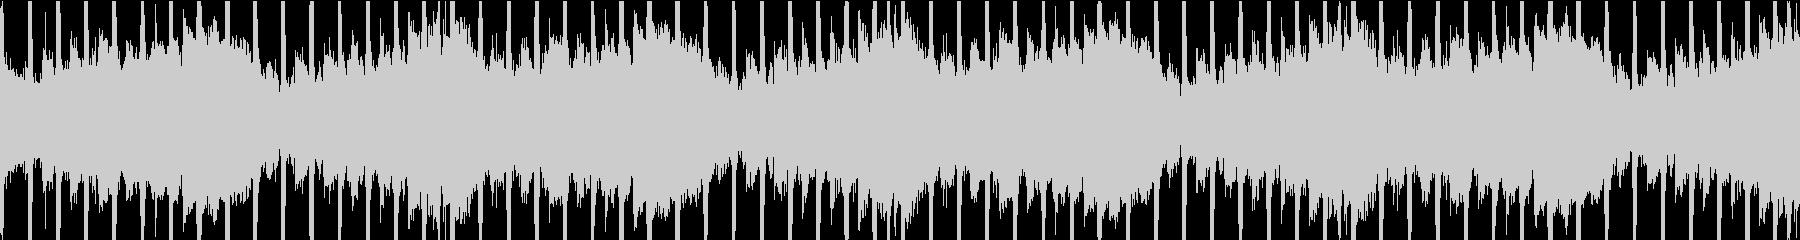 幻想的な四つ打ち曲ループ仕様の未再生の波形